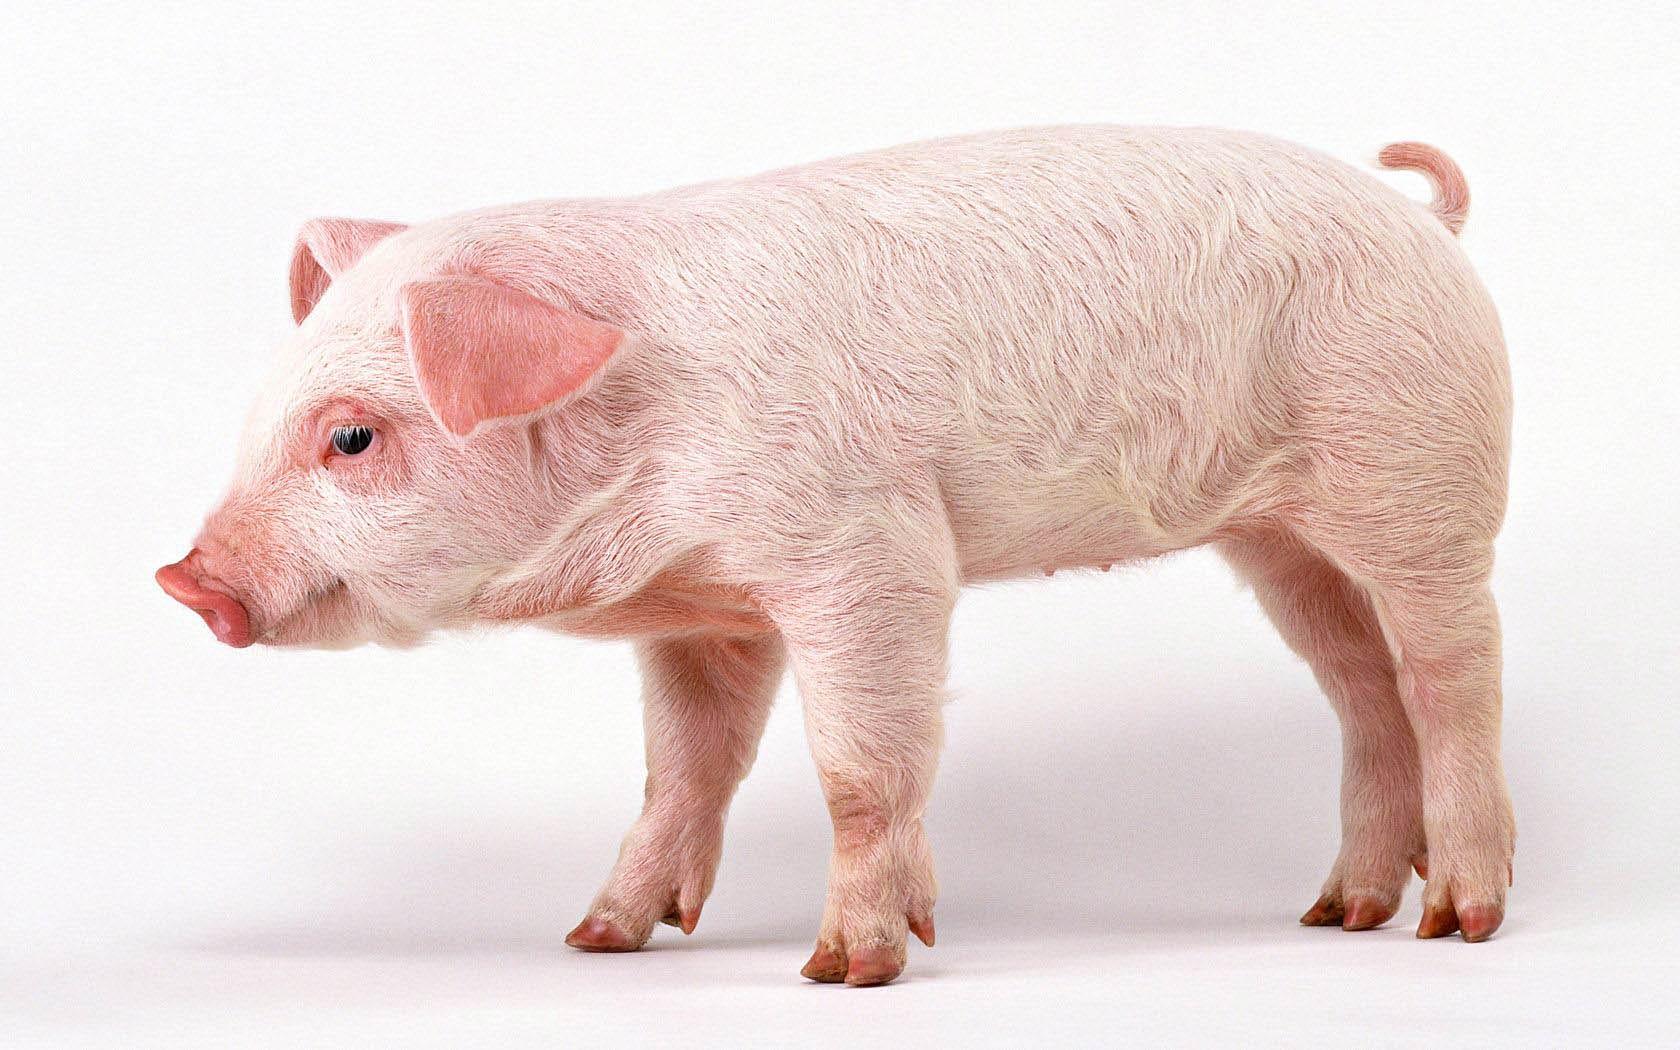 pig computer wallpaper 51672